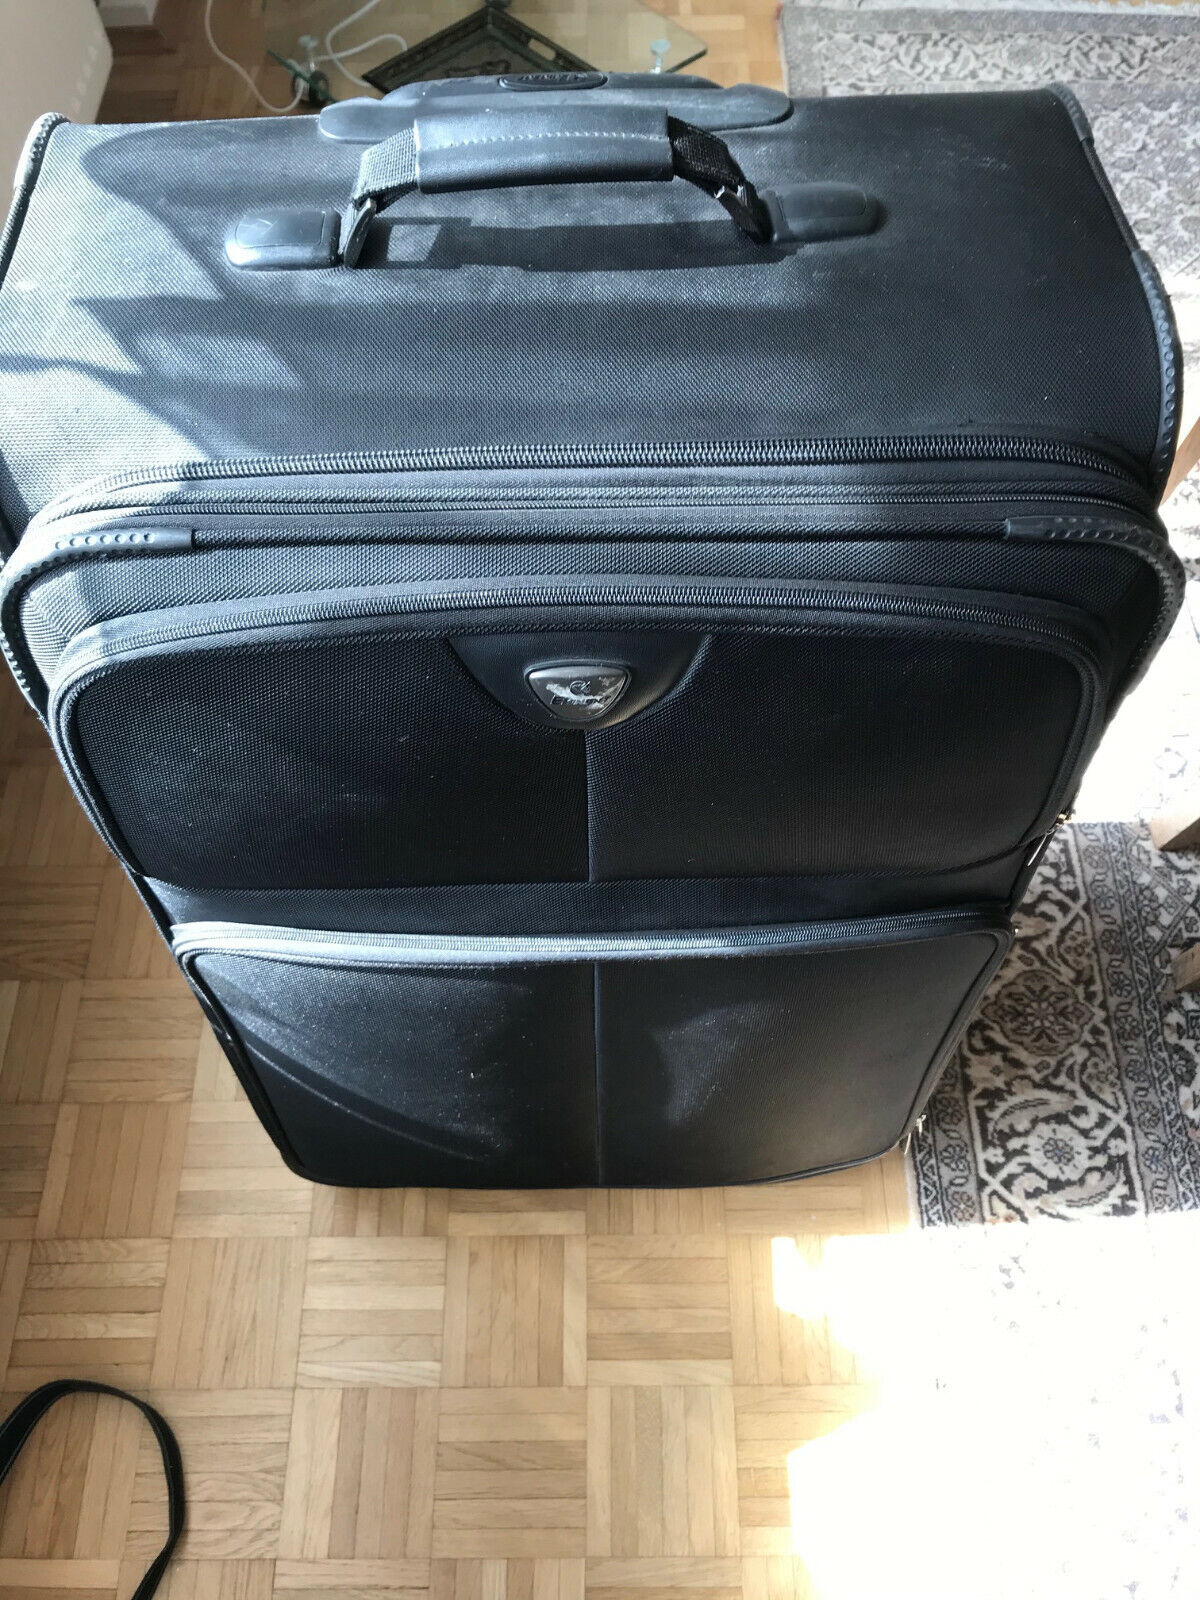 Eminent Reisekoffer schwarz groß mit 2 Rollen und Teleskopauszug nur Abholung